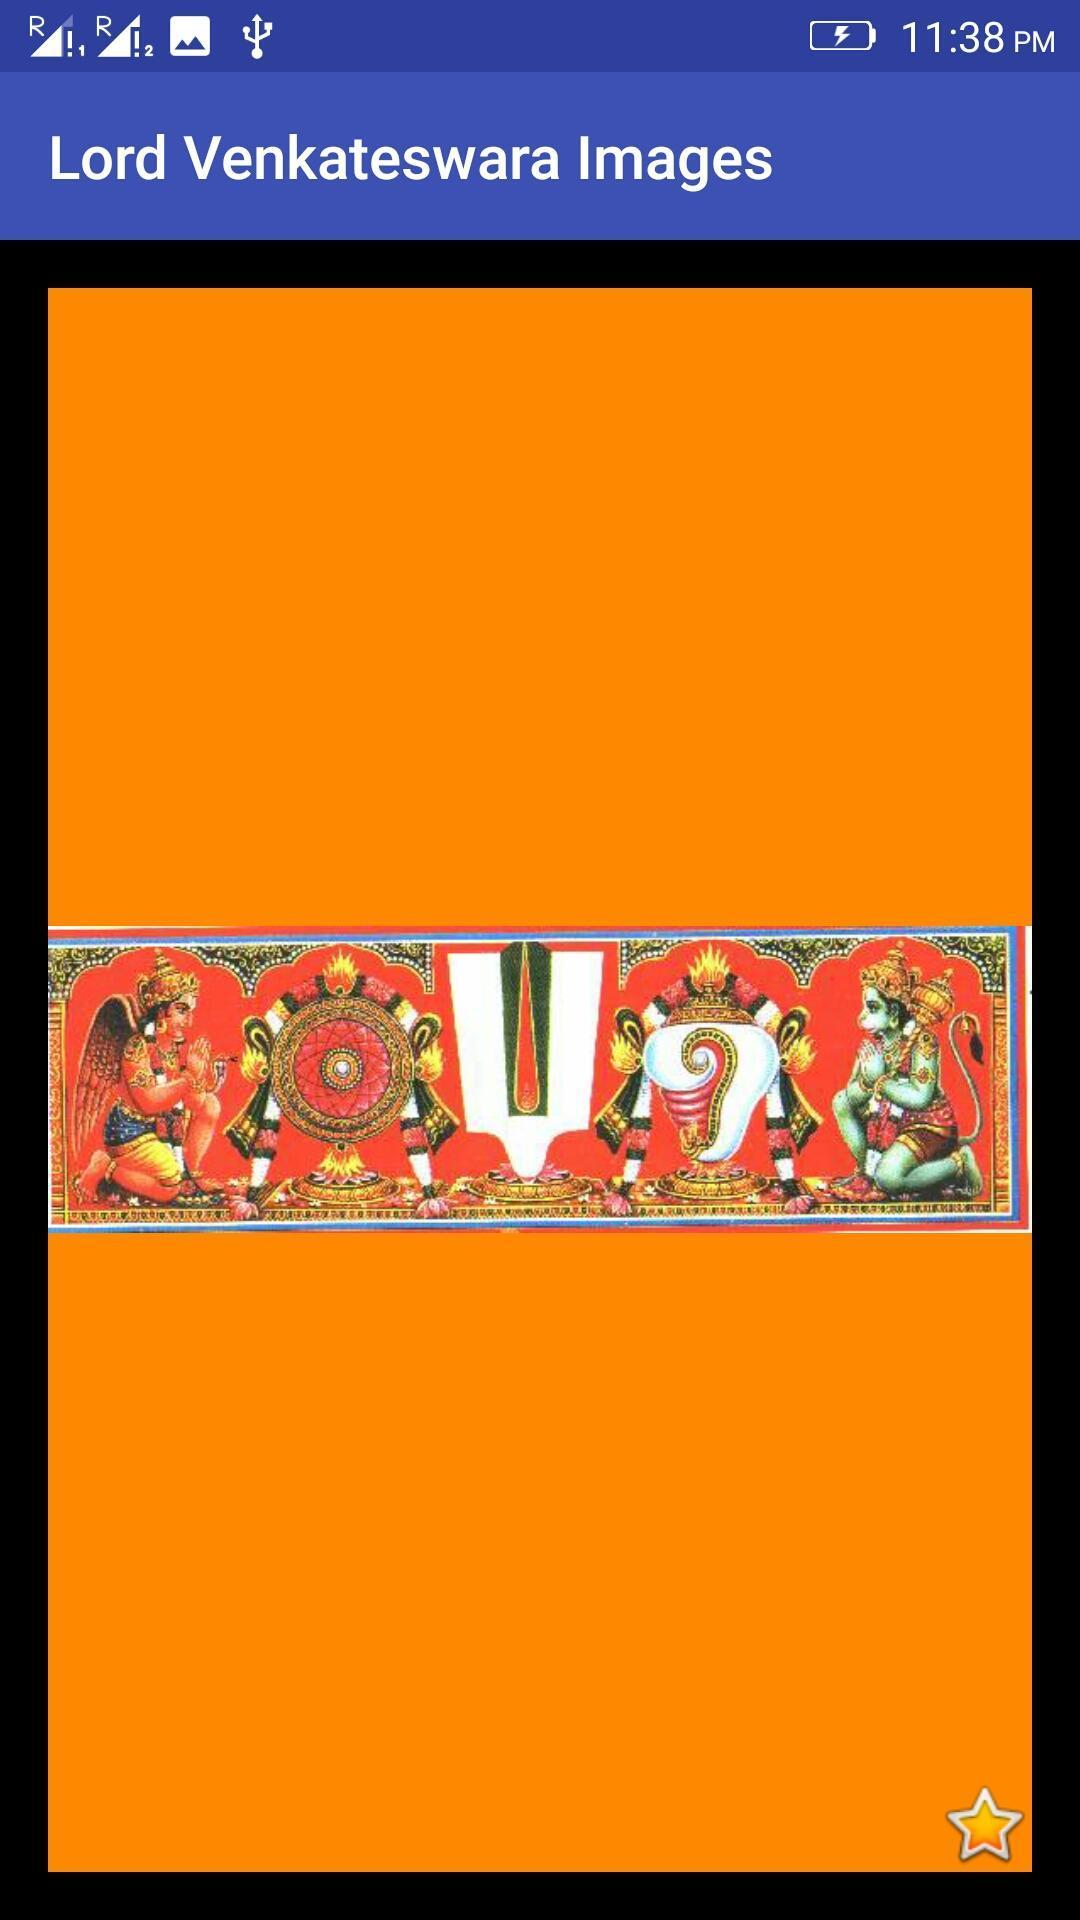 Lord Sri Venkateswara Images poster